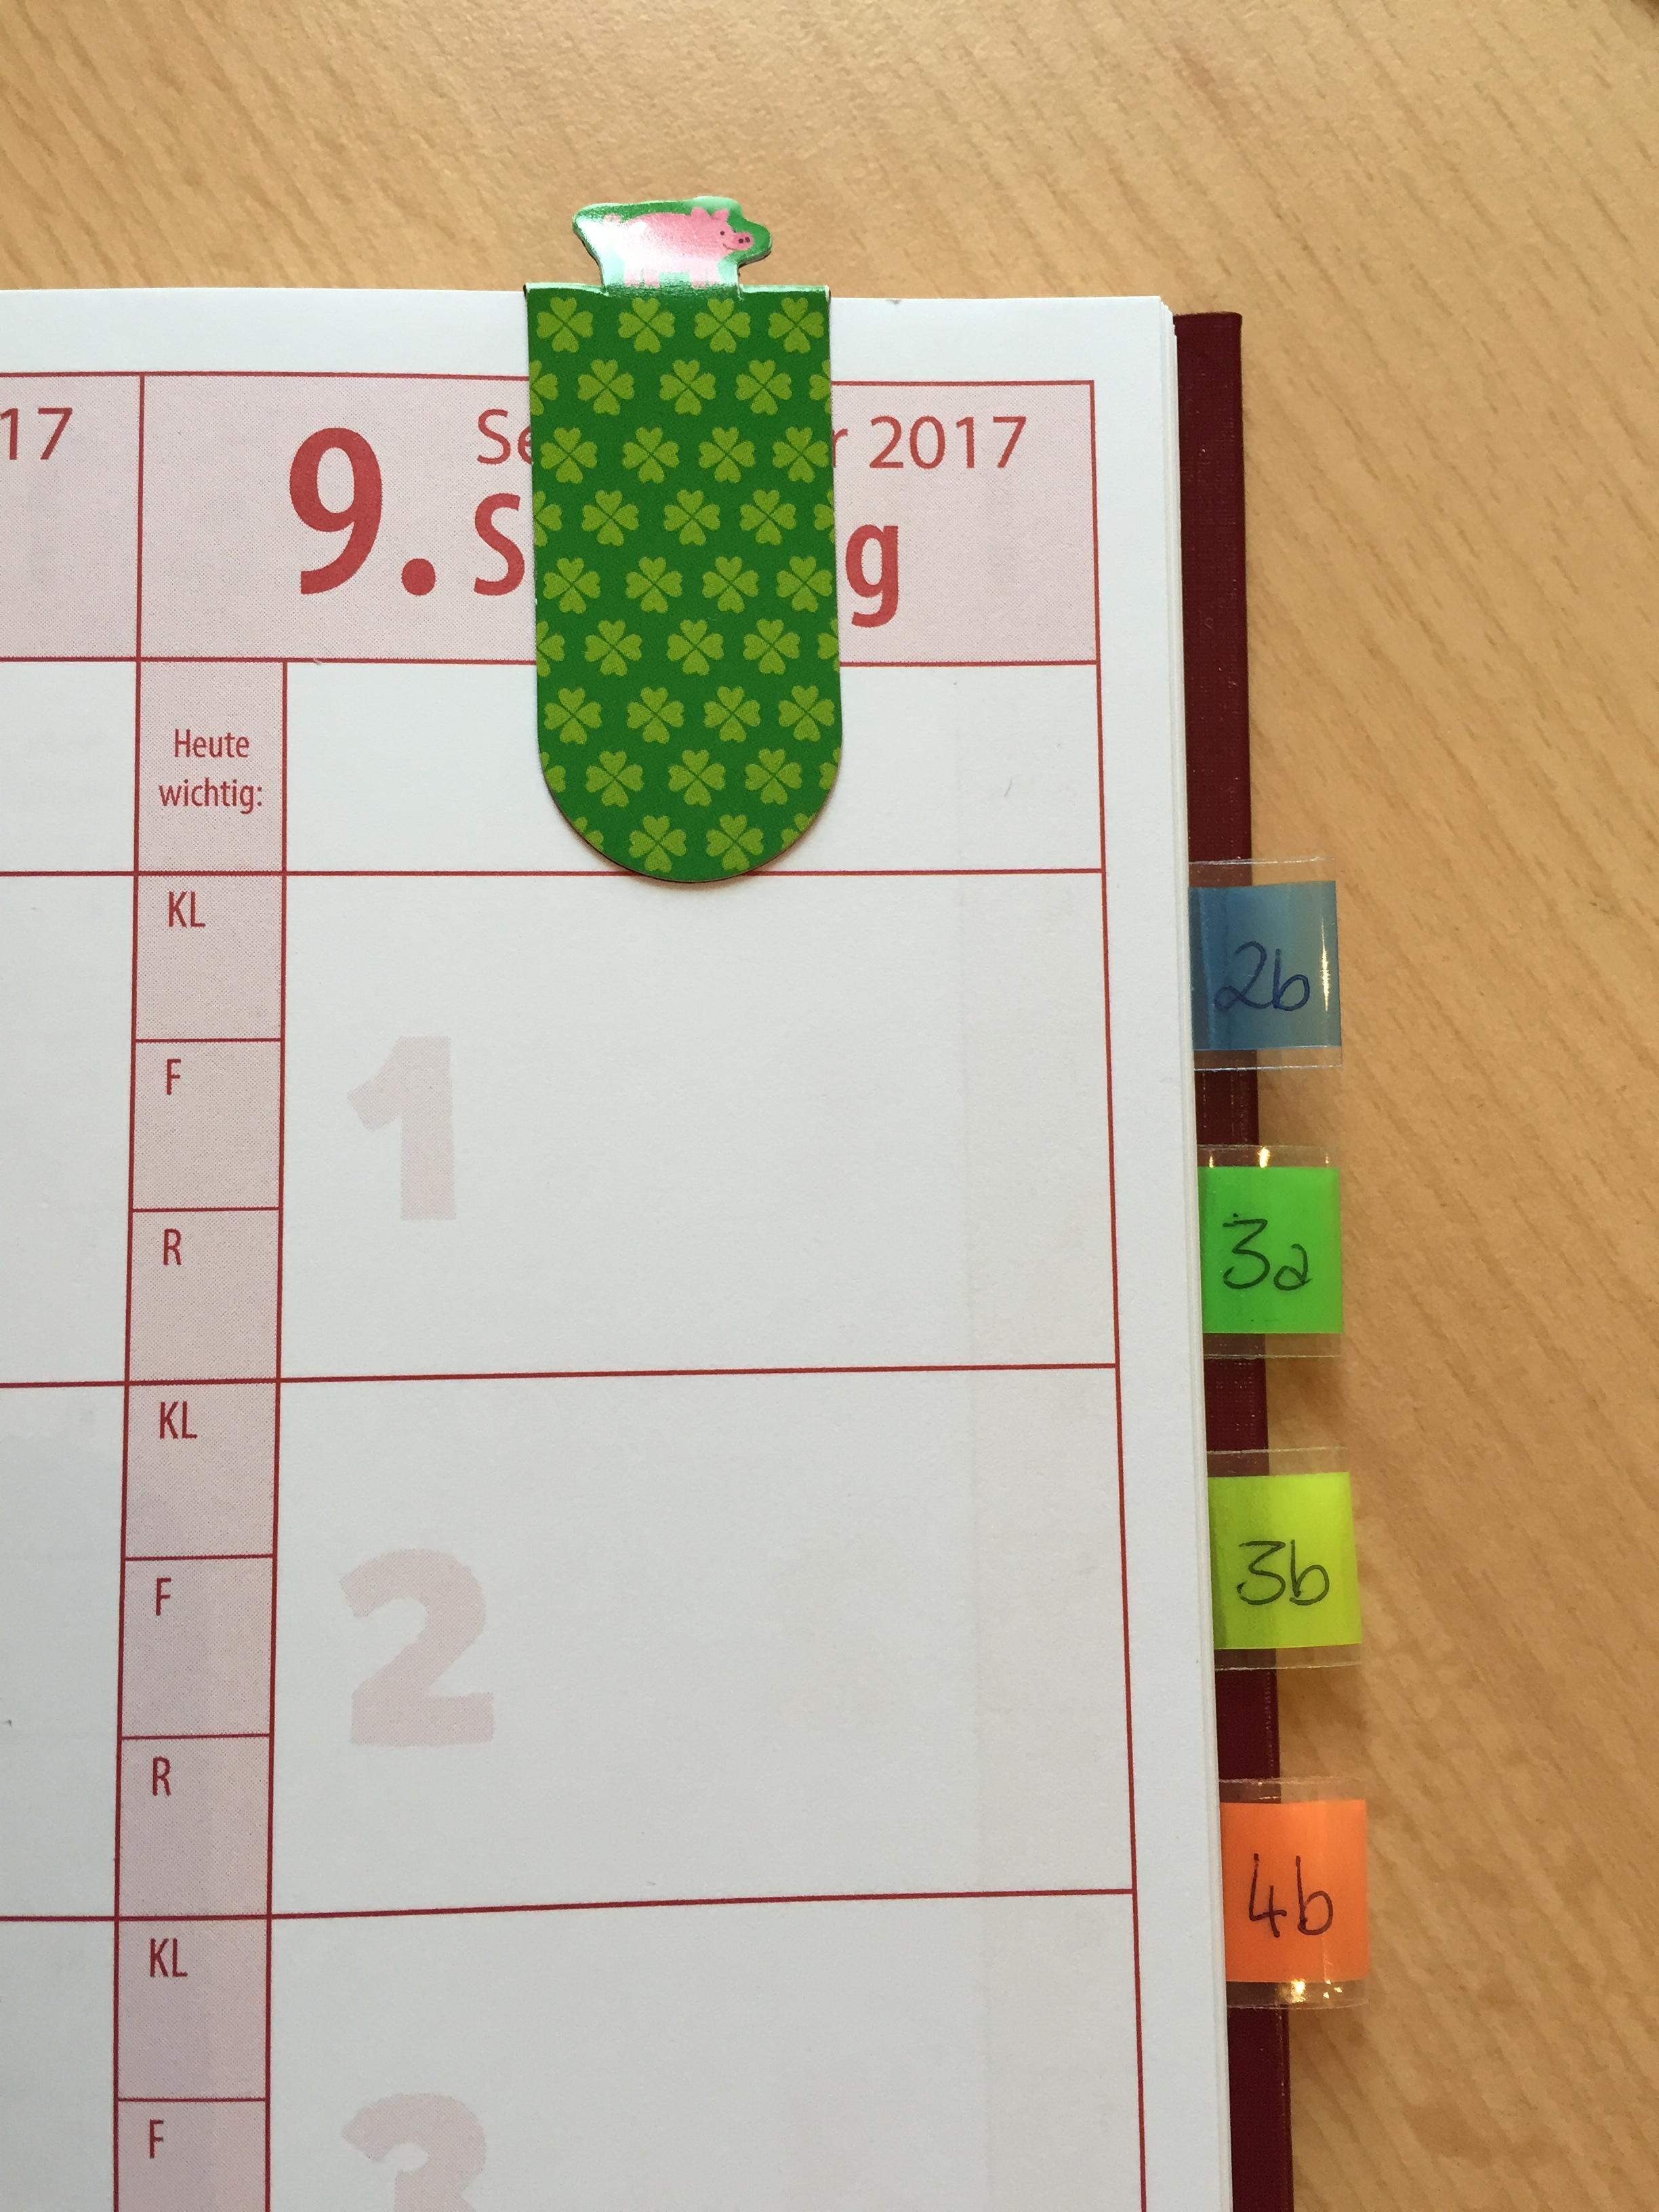 2017-09-03 14.43.26.jpg